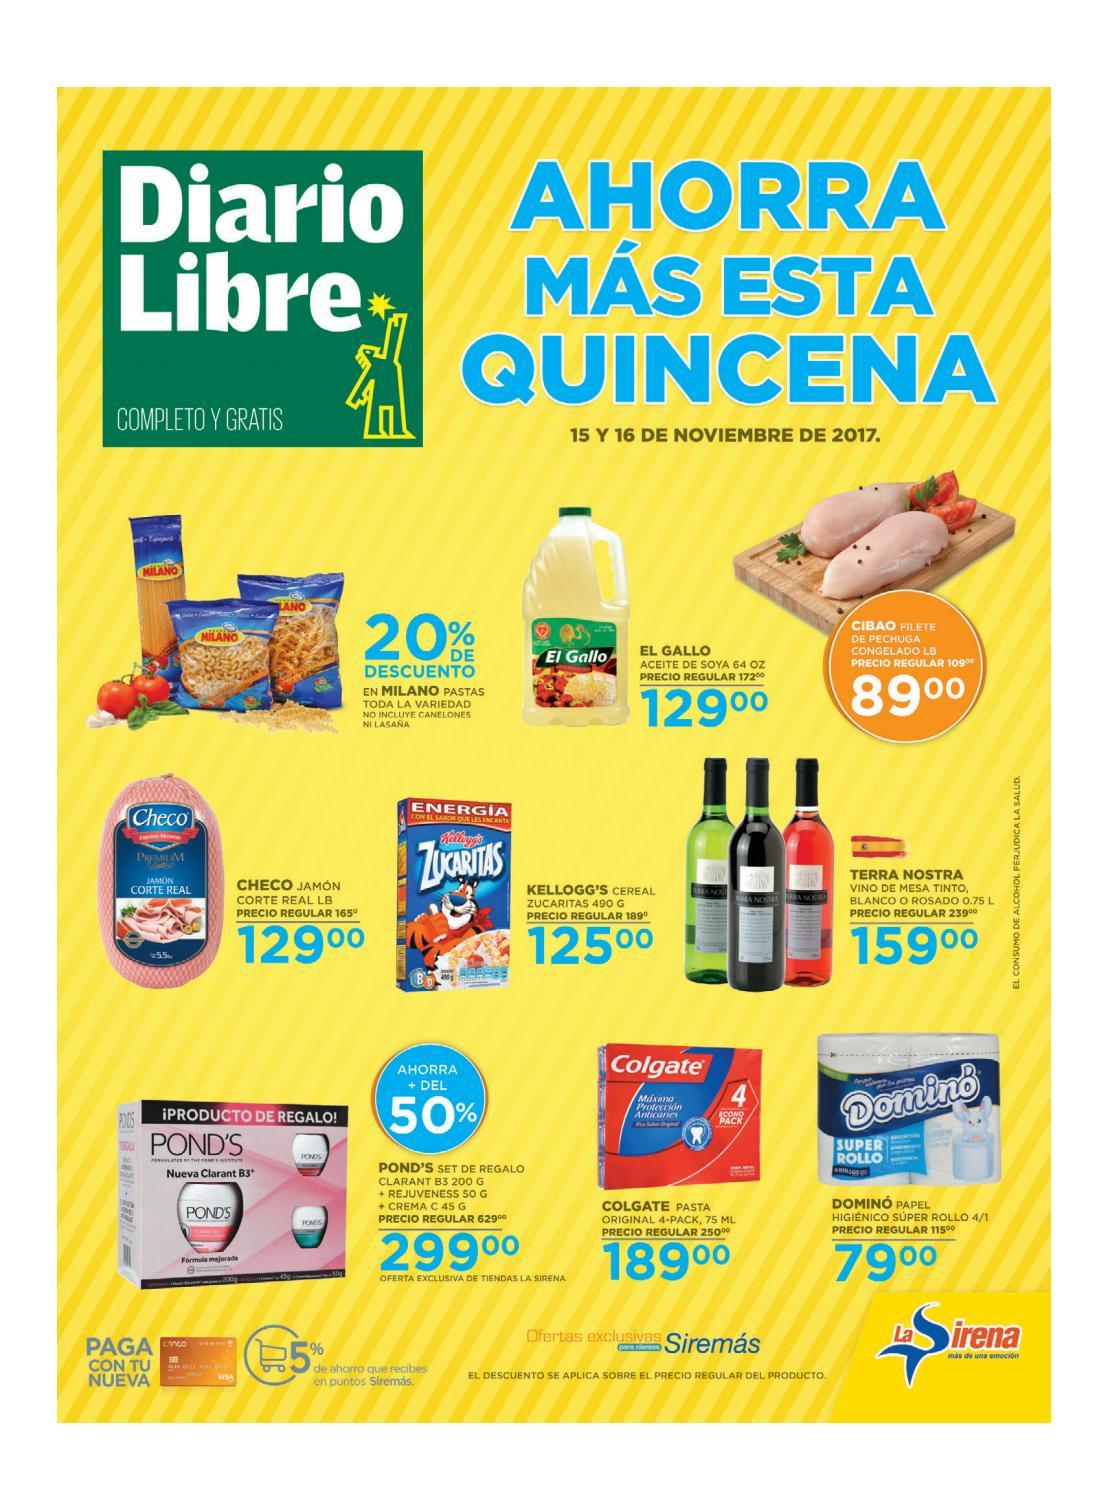 Diariolibre5027 by Grupo Diario Libre, S. A. - issuu